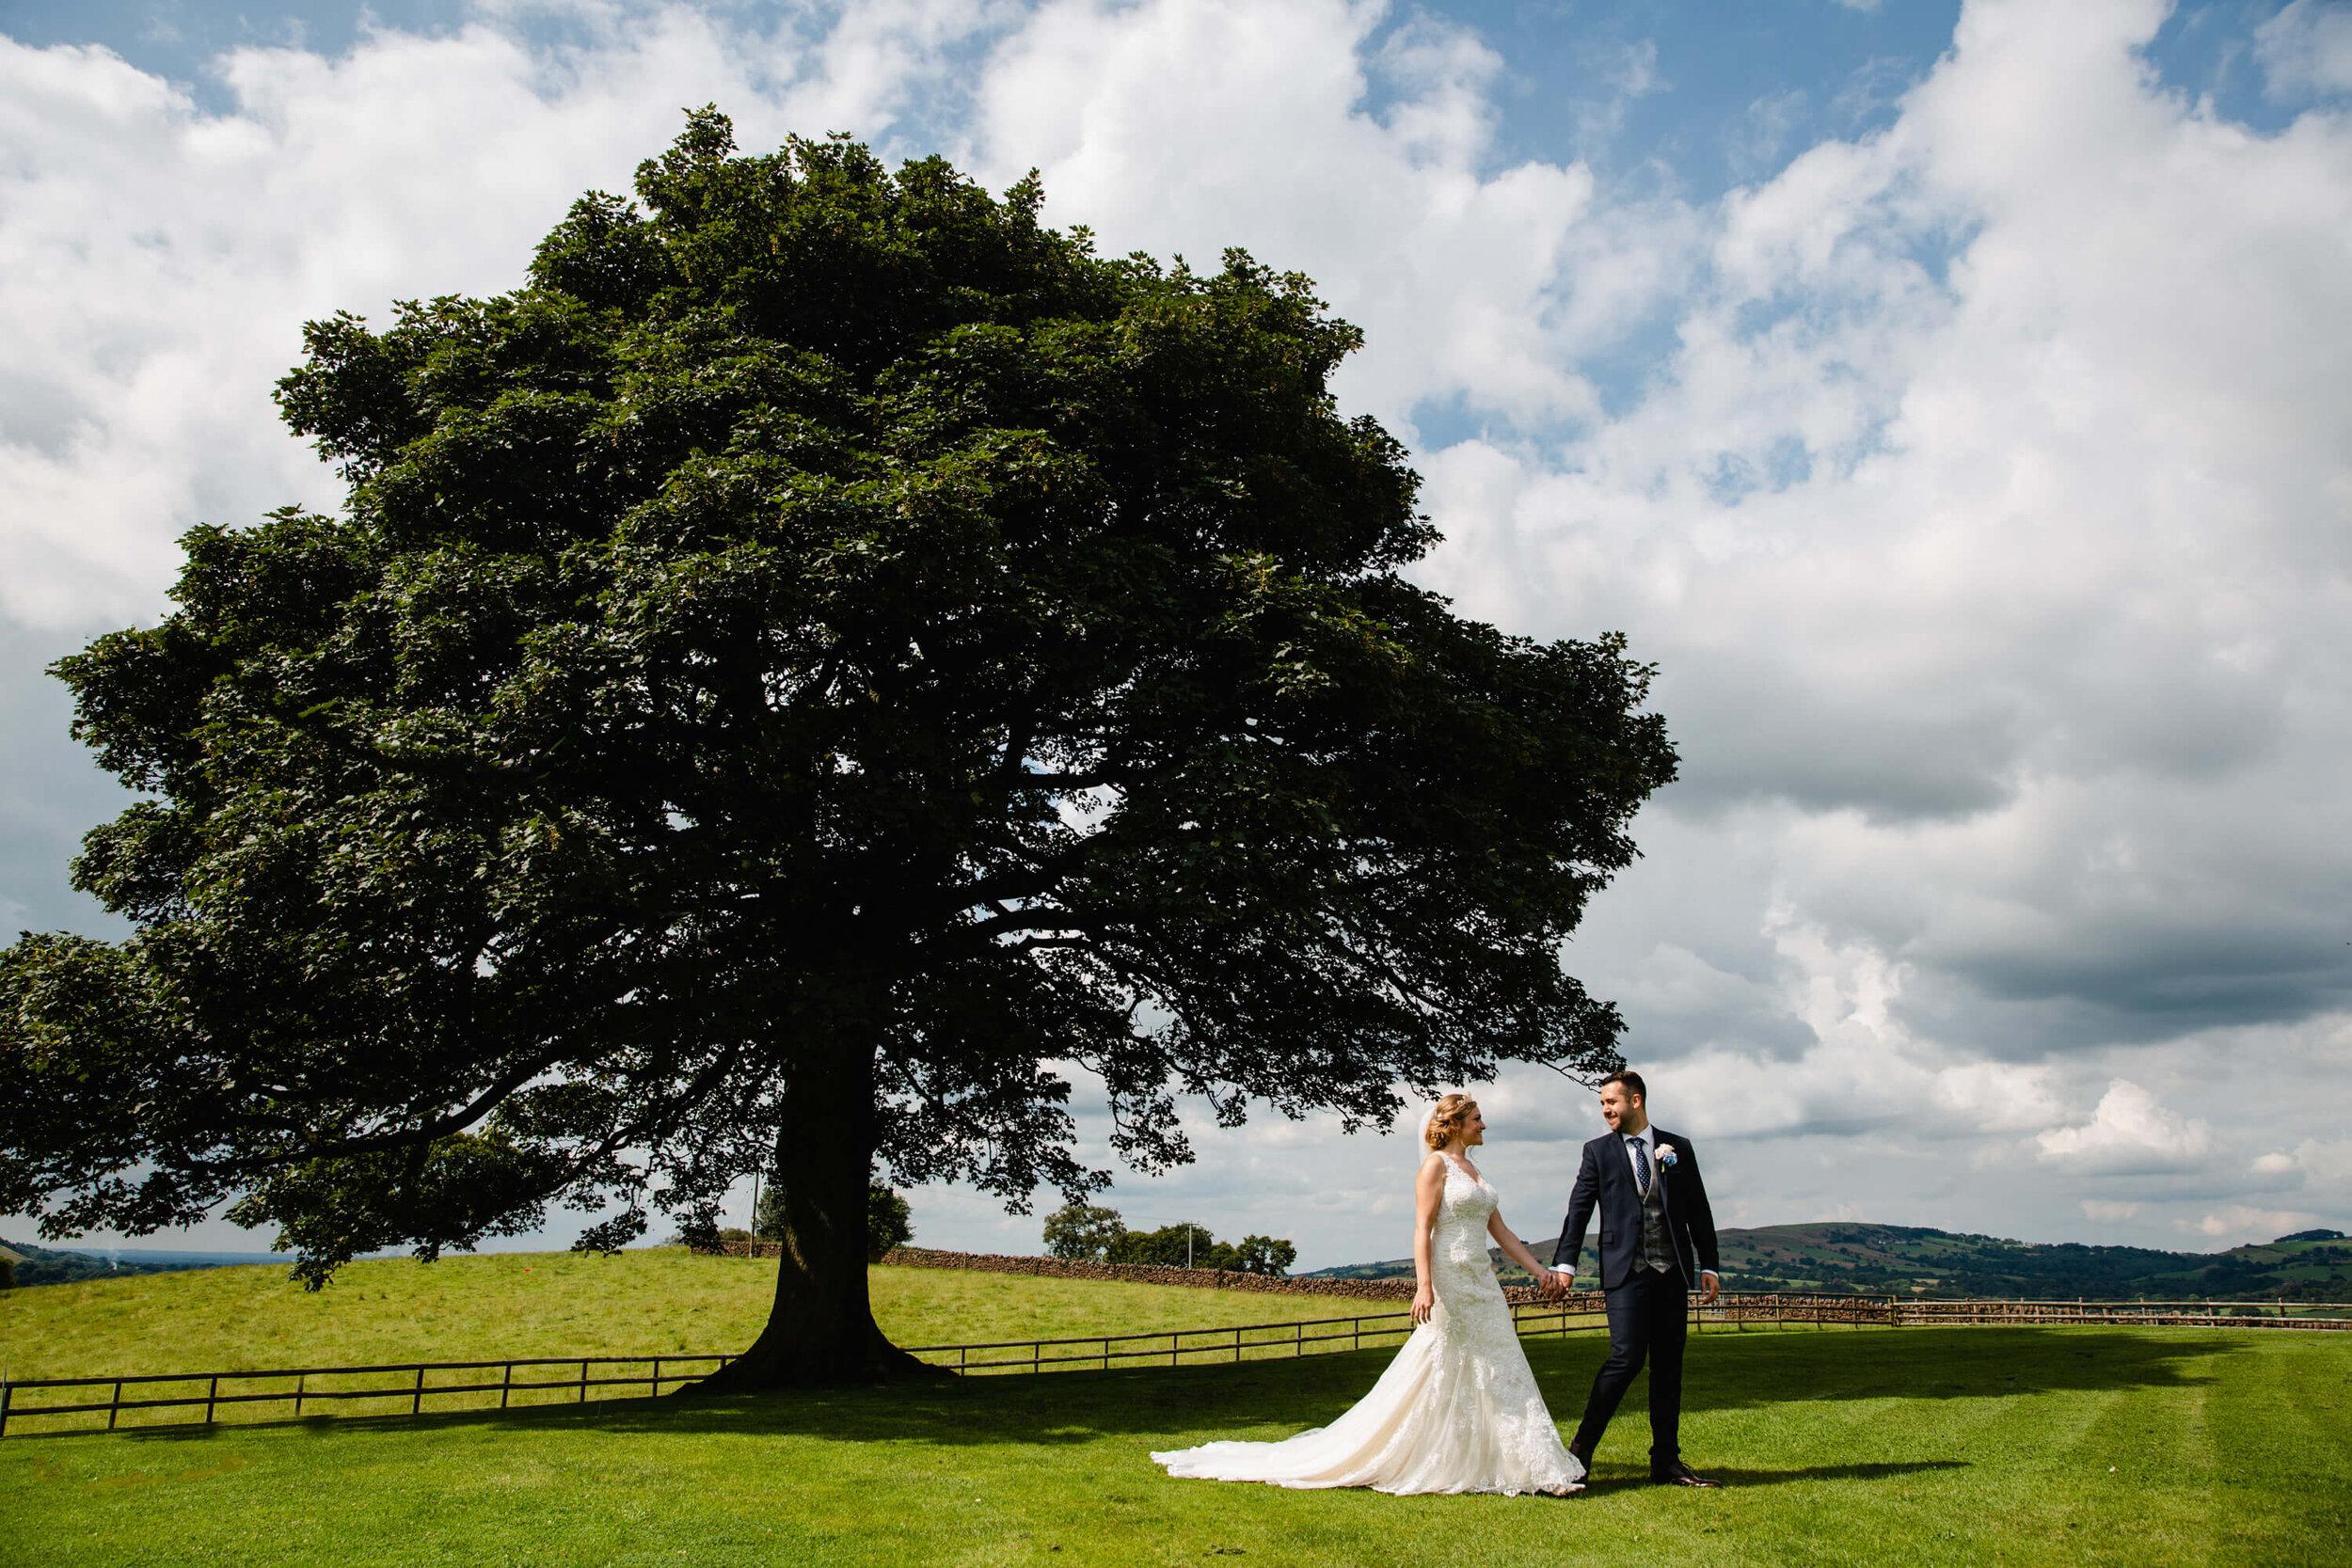 Heaton_House_Farm_Wedding_Photography_067.jpg